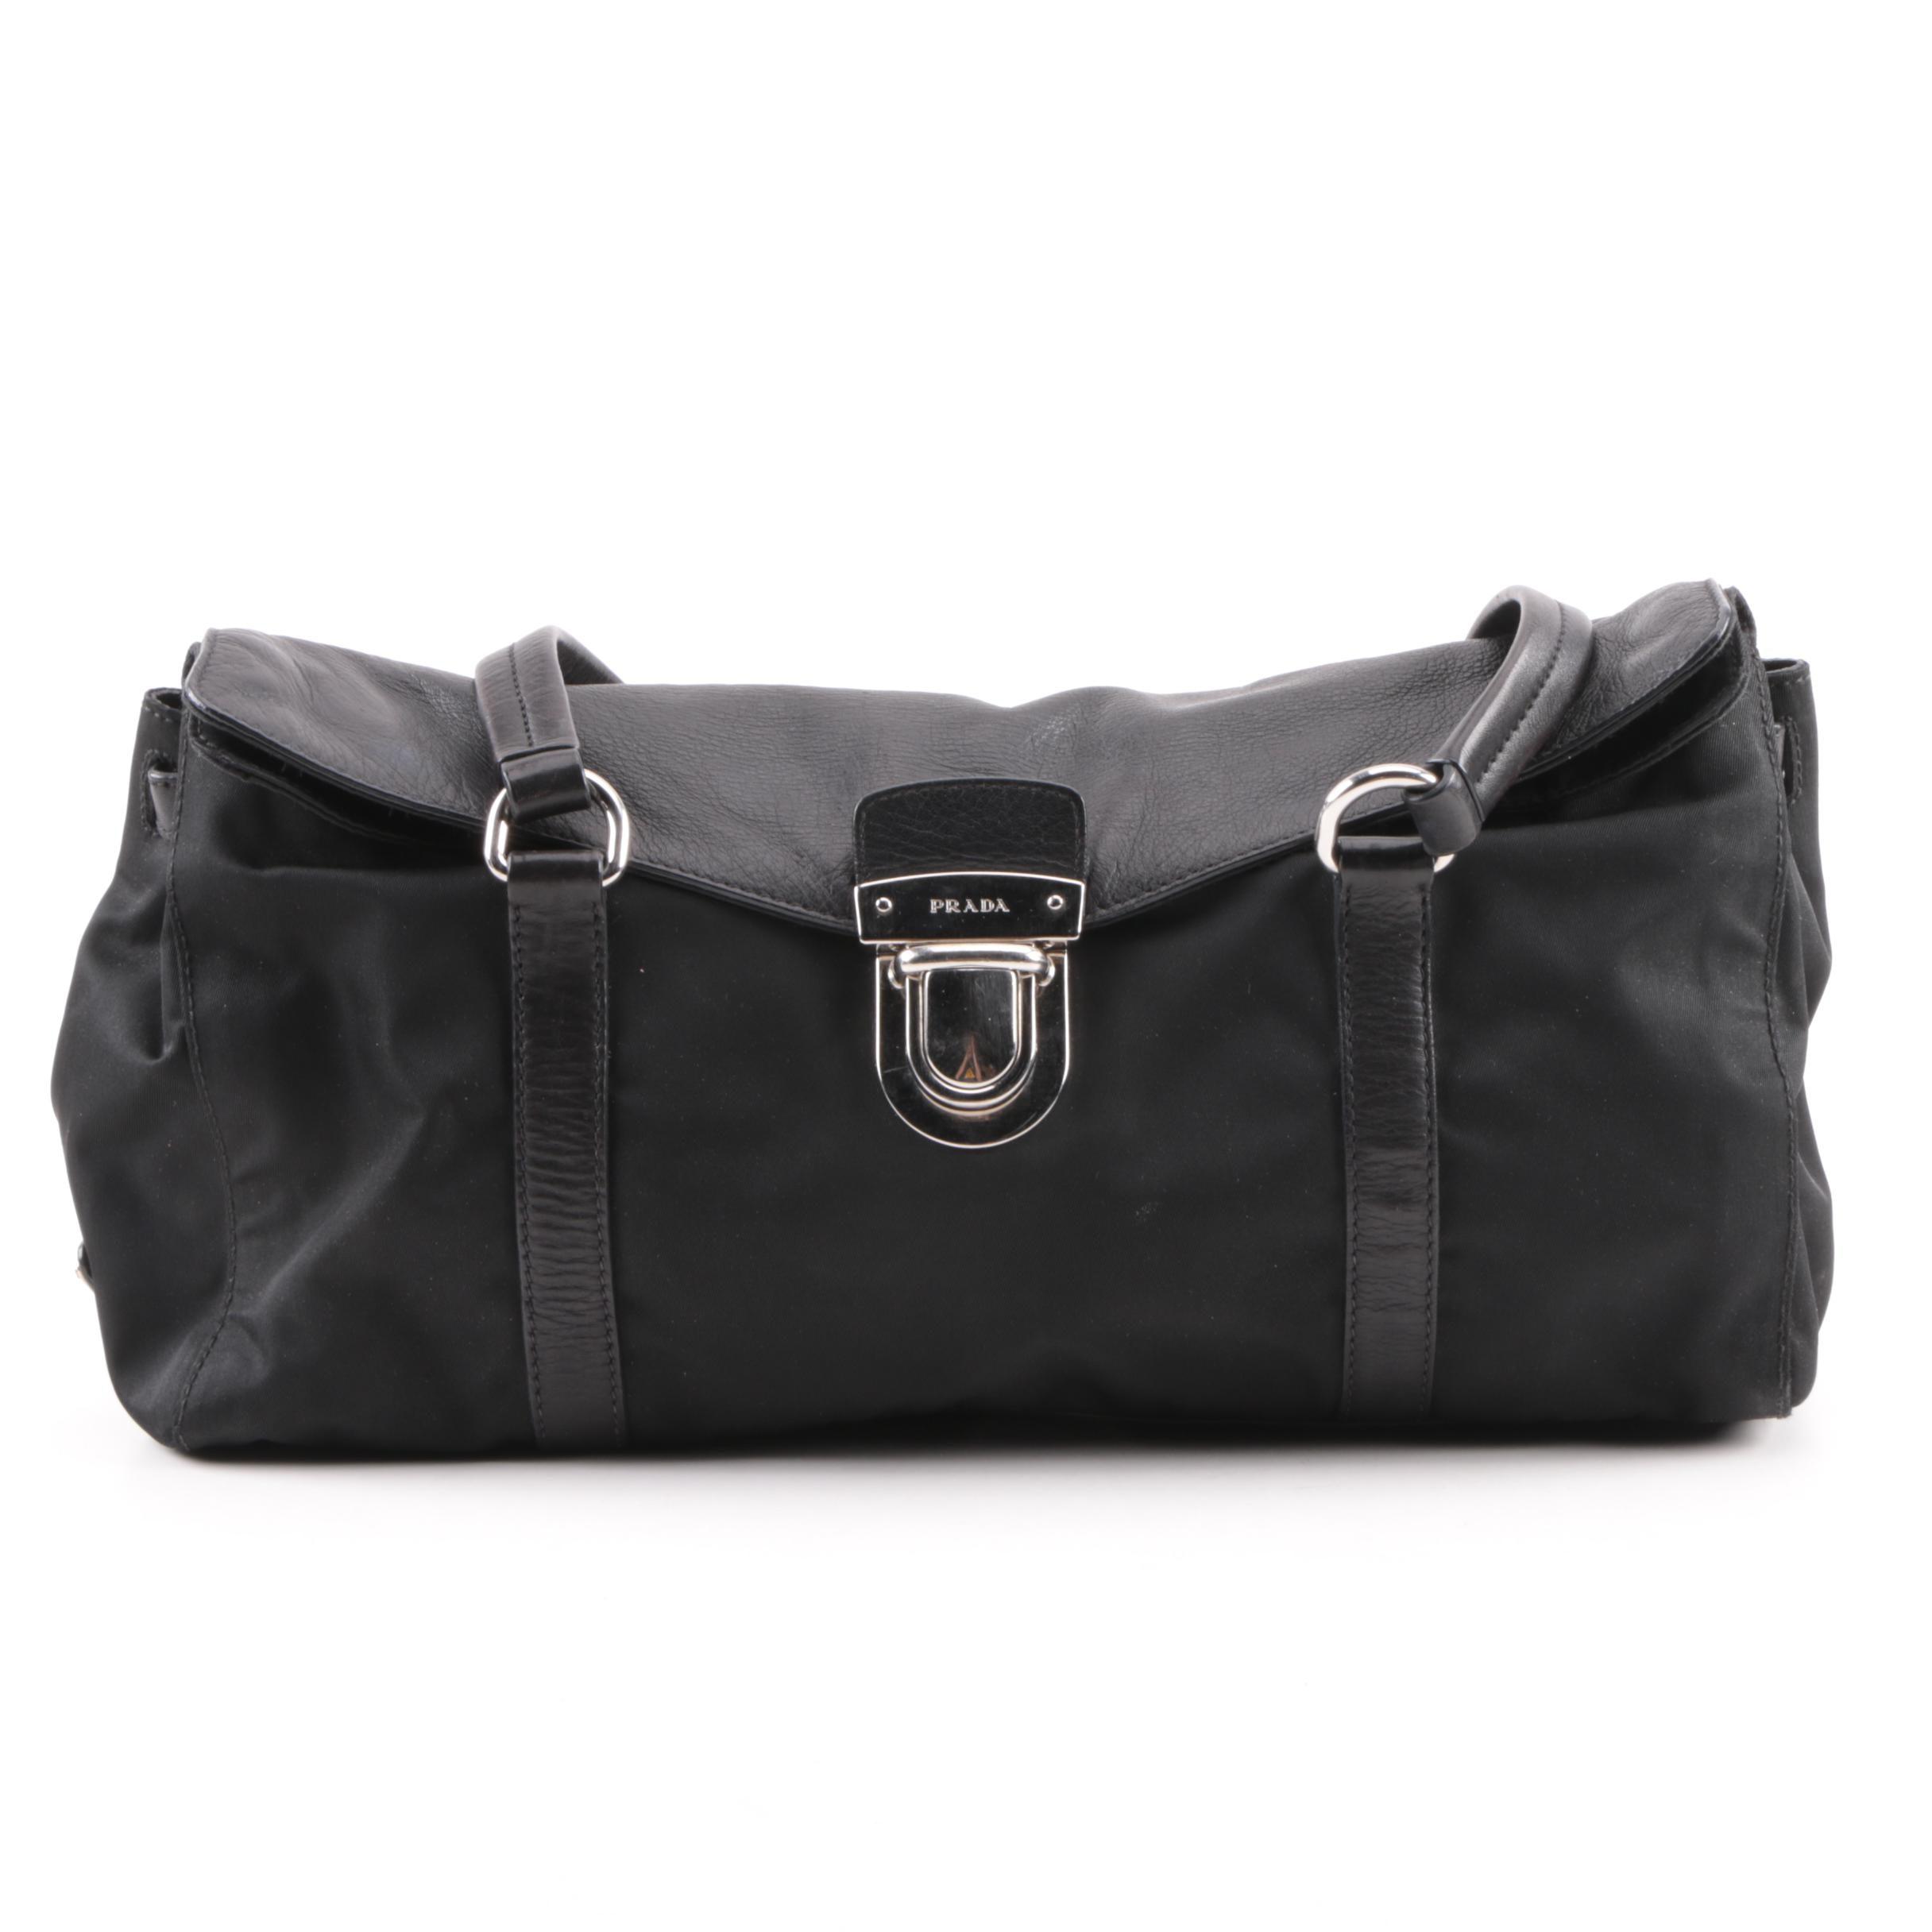 Prada Black Nylon and Leather Baguette Shoulder Bag